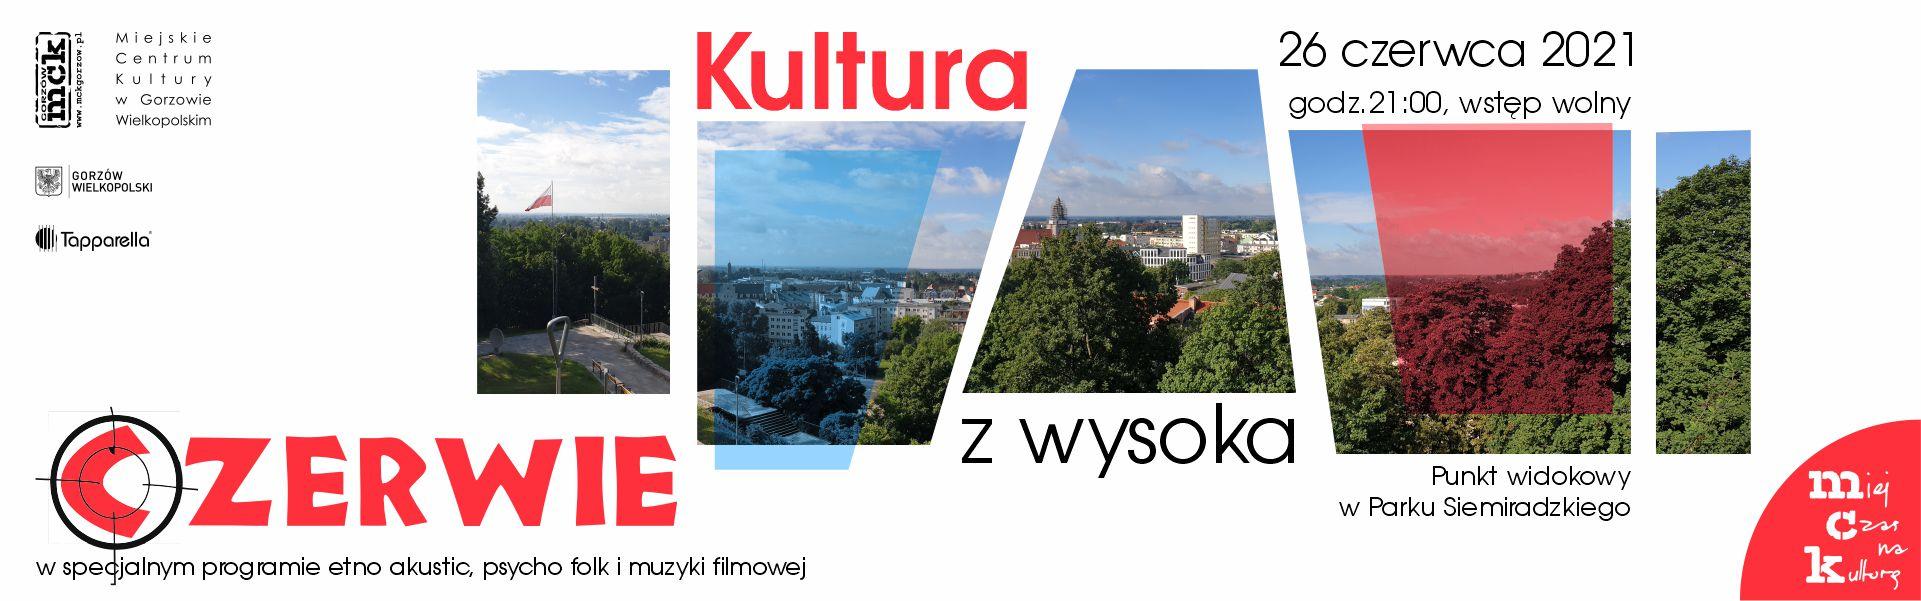 2021.06.26 Kultura z wysoka baner strona www